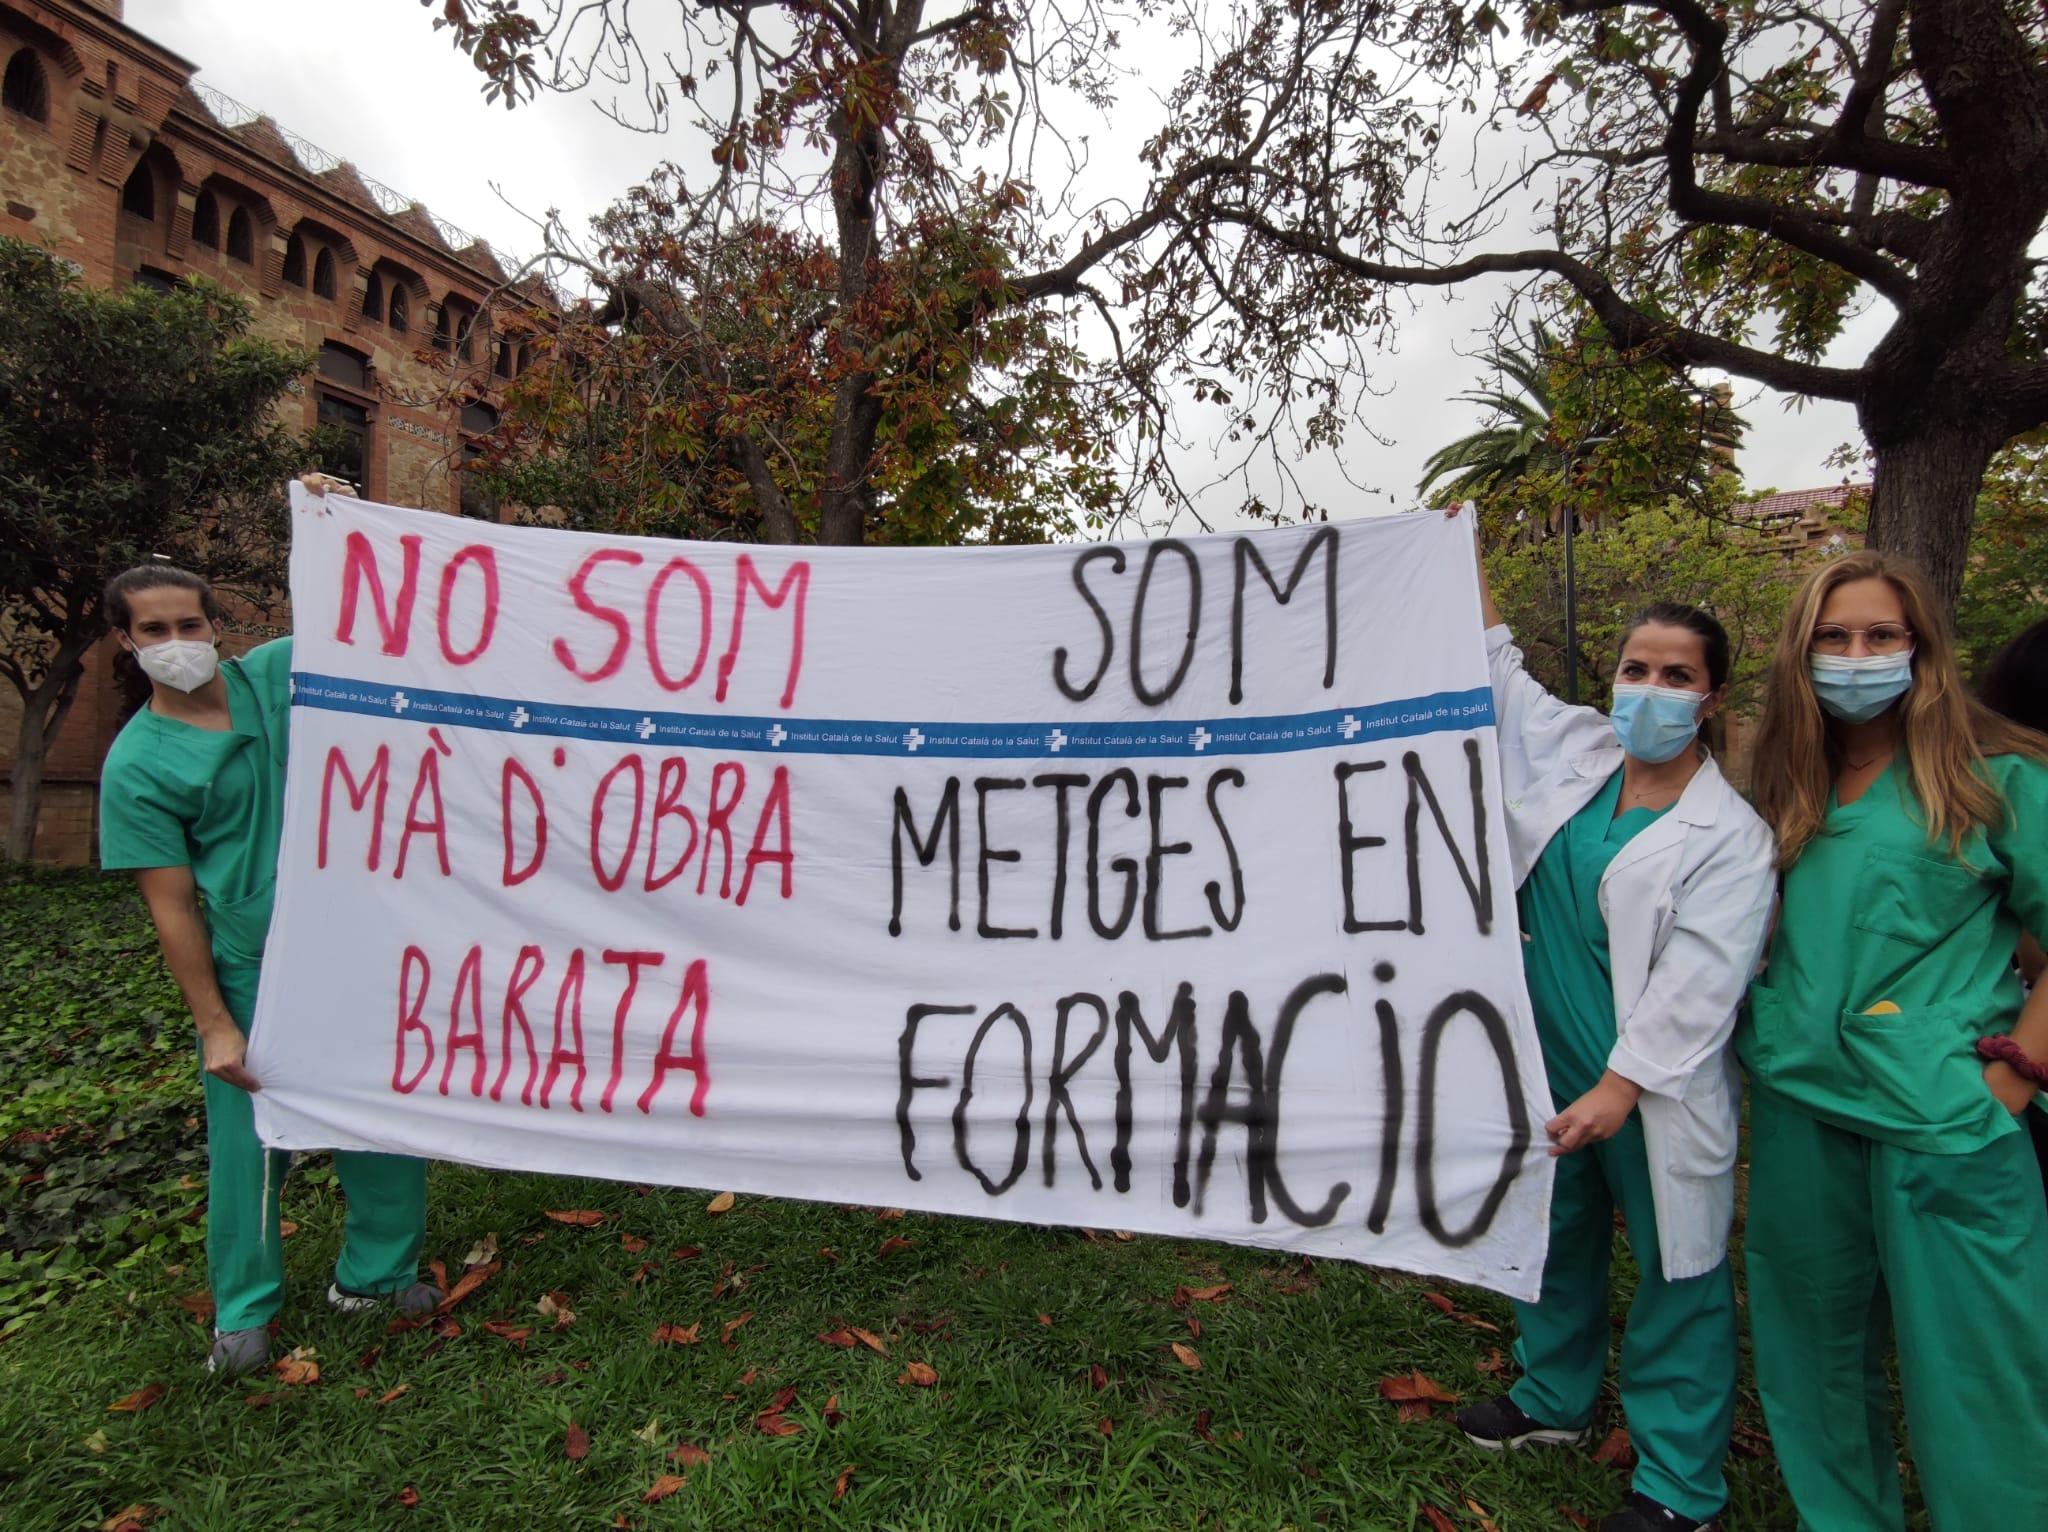 Javier González i Berta Mora reivindiquen que els MIR són metges (J.A.G.)